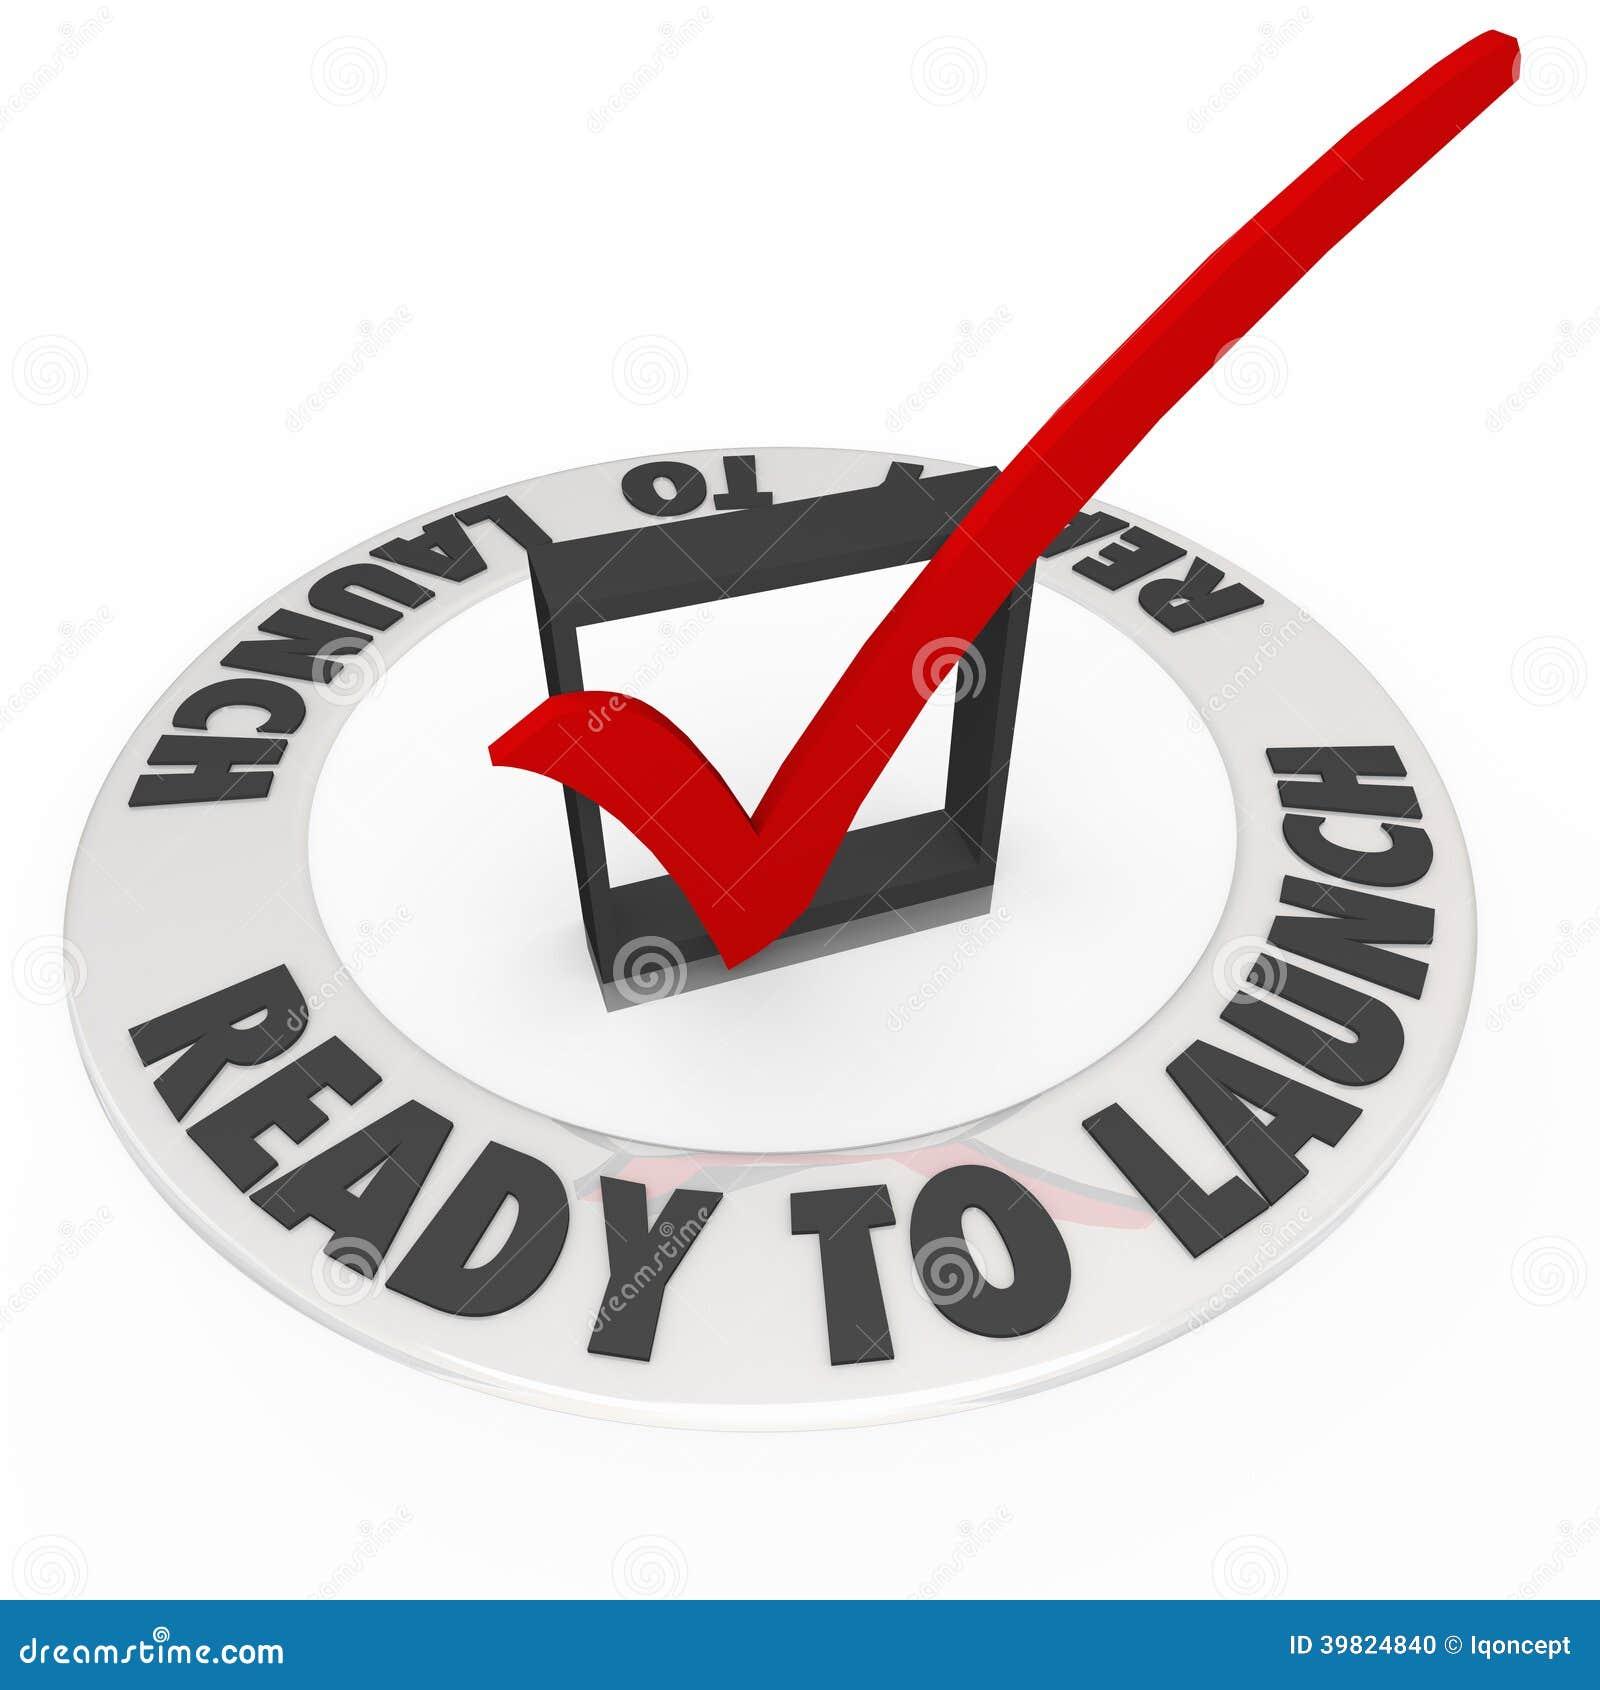 Bereiten Sie vor, um Kontroll-Mark Box Words Prepared New-Geschäft zu starten